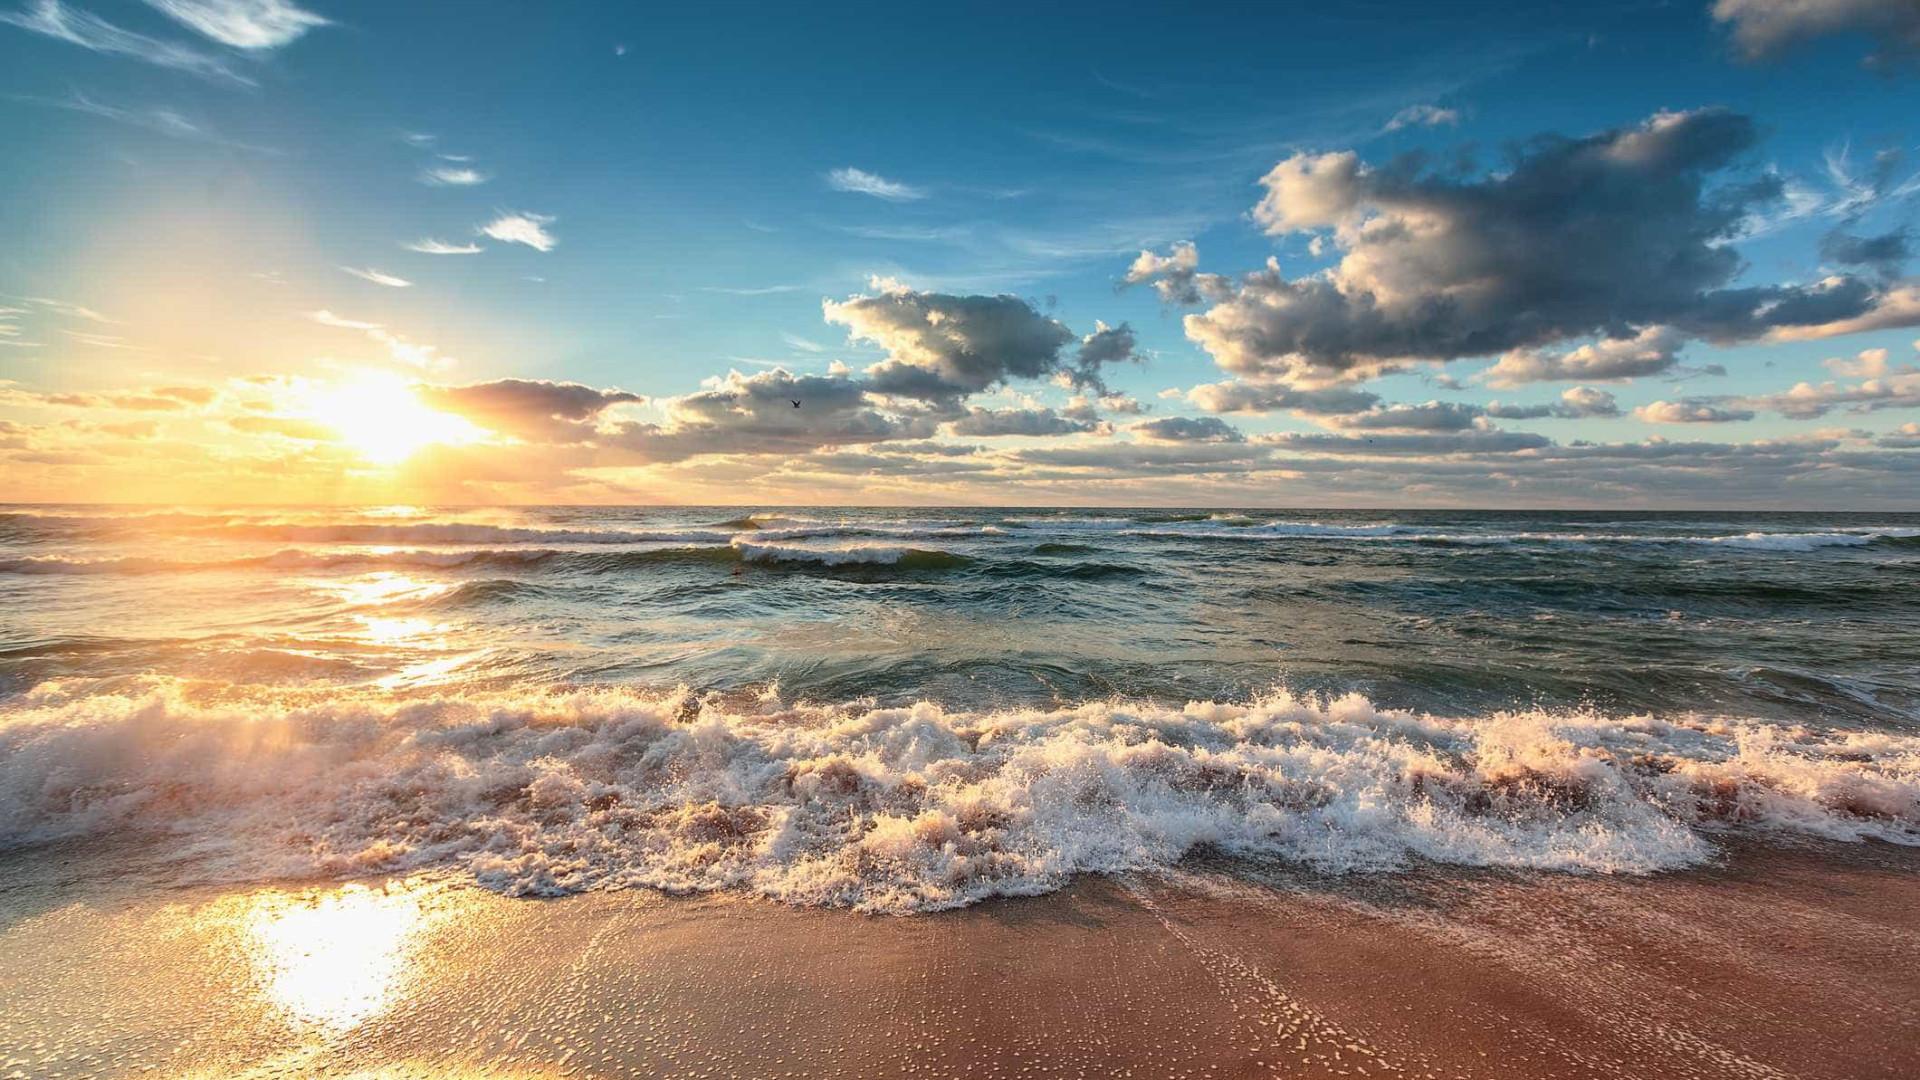 Termómetros podem subir aos 28ºC, mas o mar ainda não está para banhos